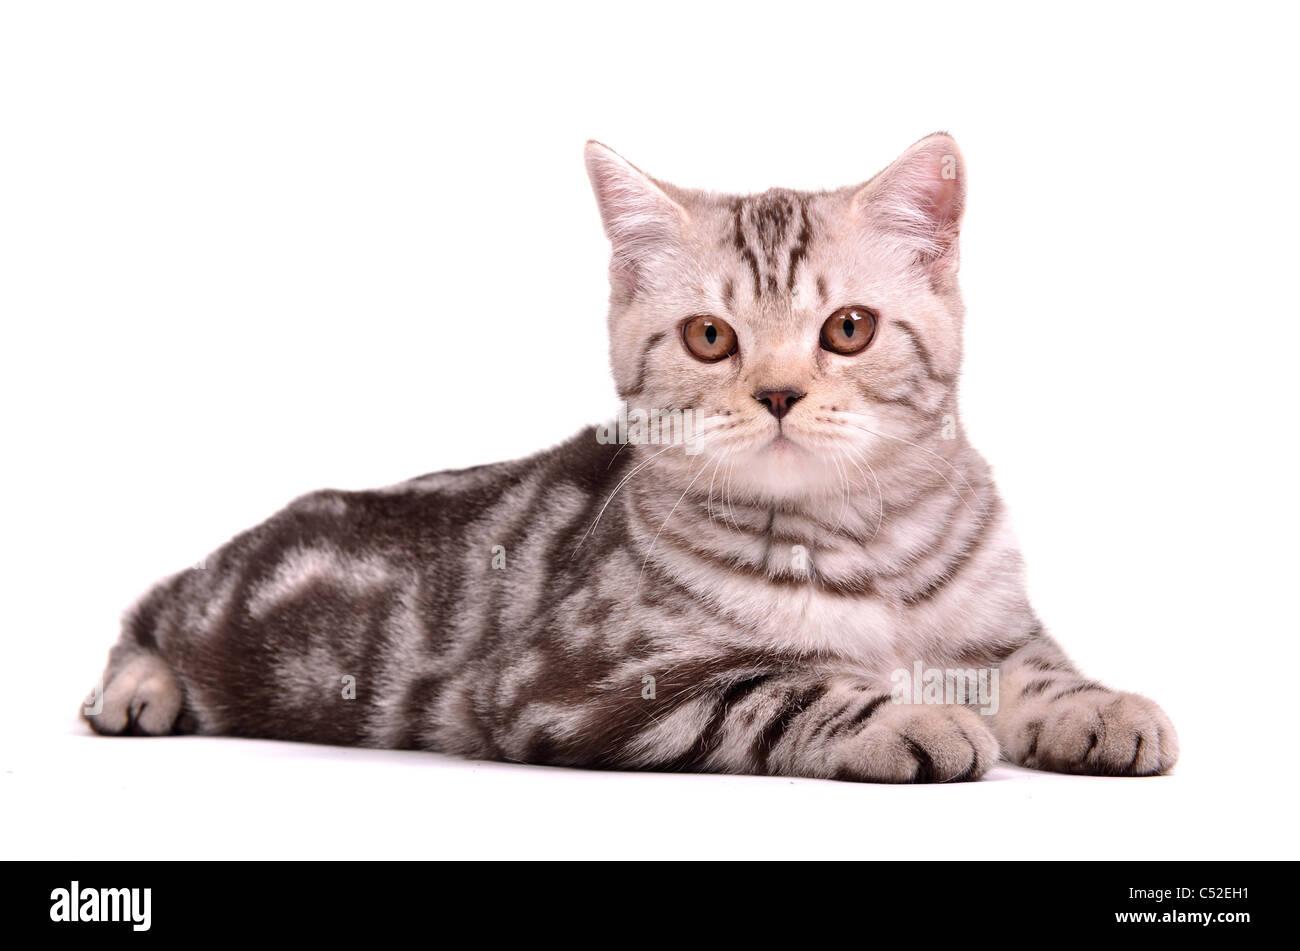 Scottish fold kitten lying isolated on white background - Stock Image